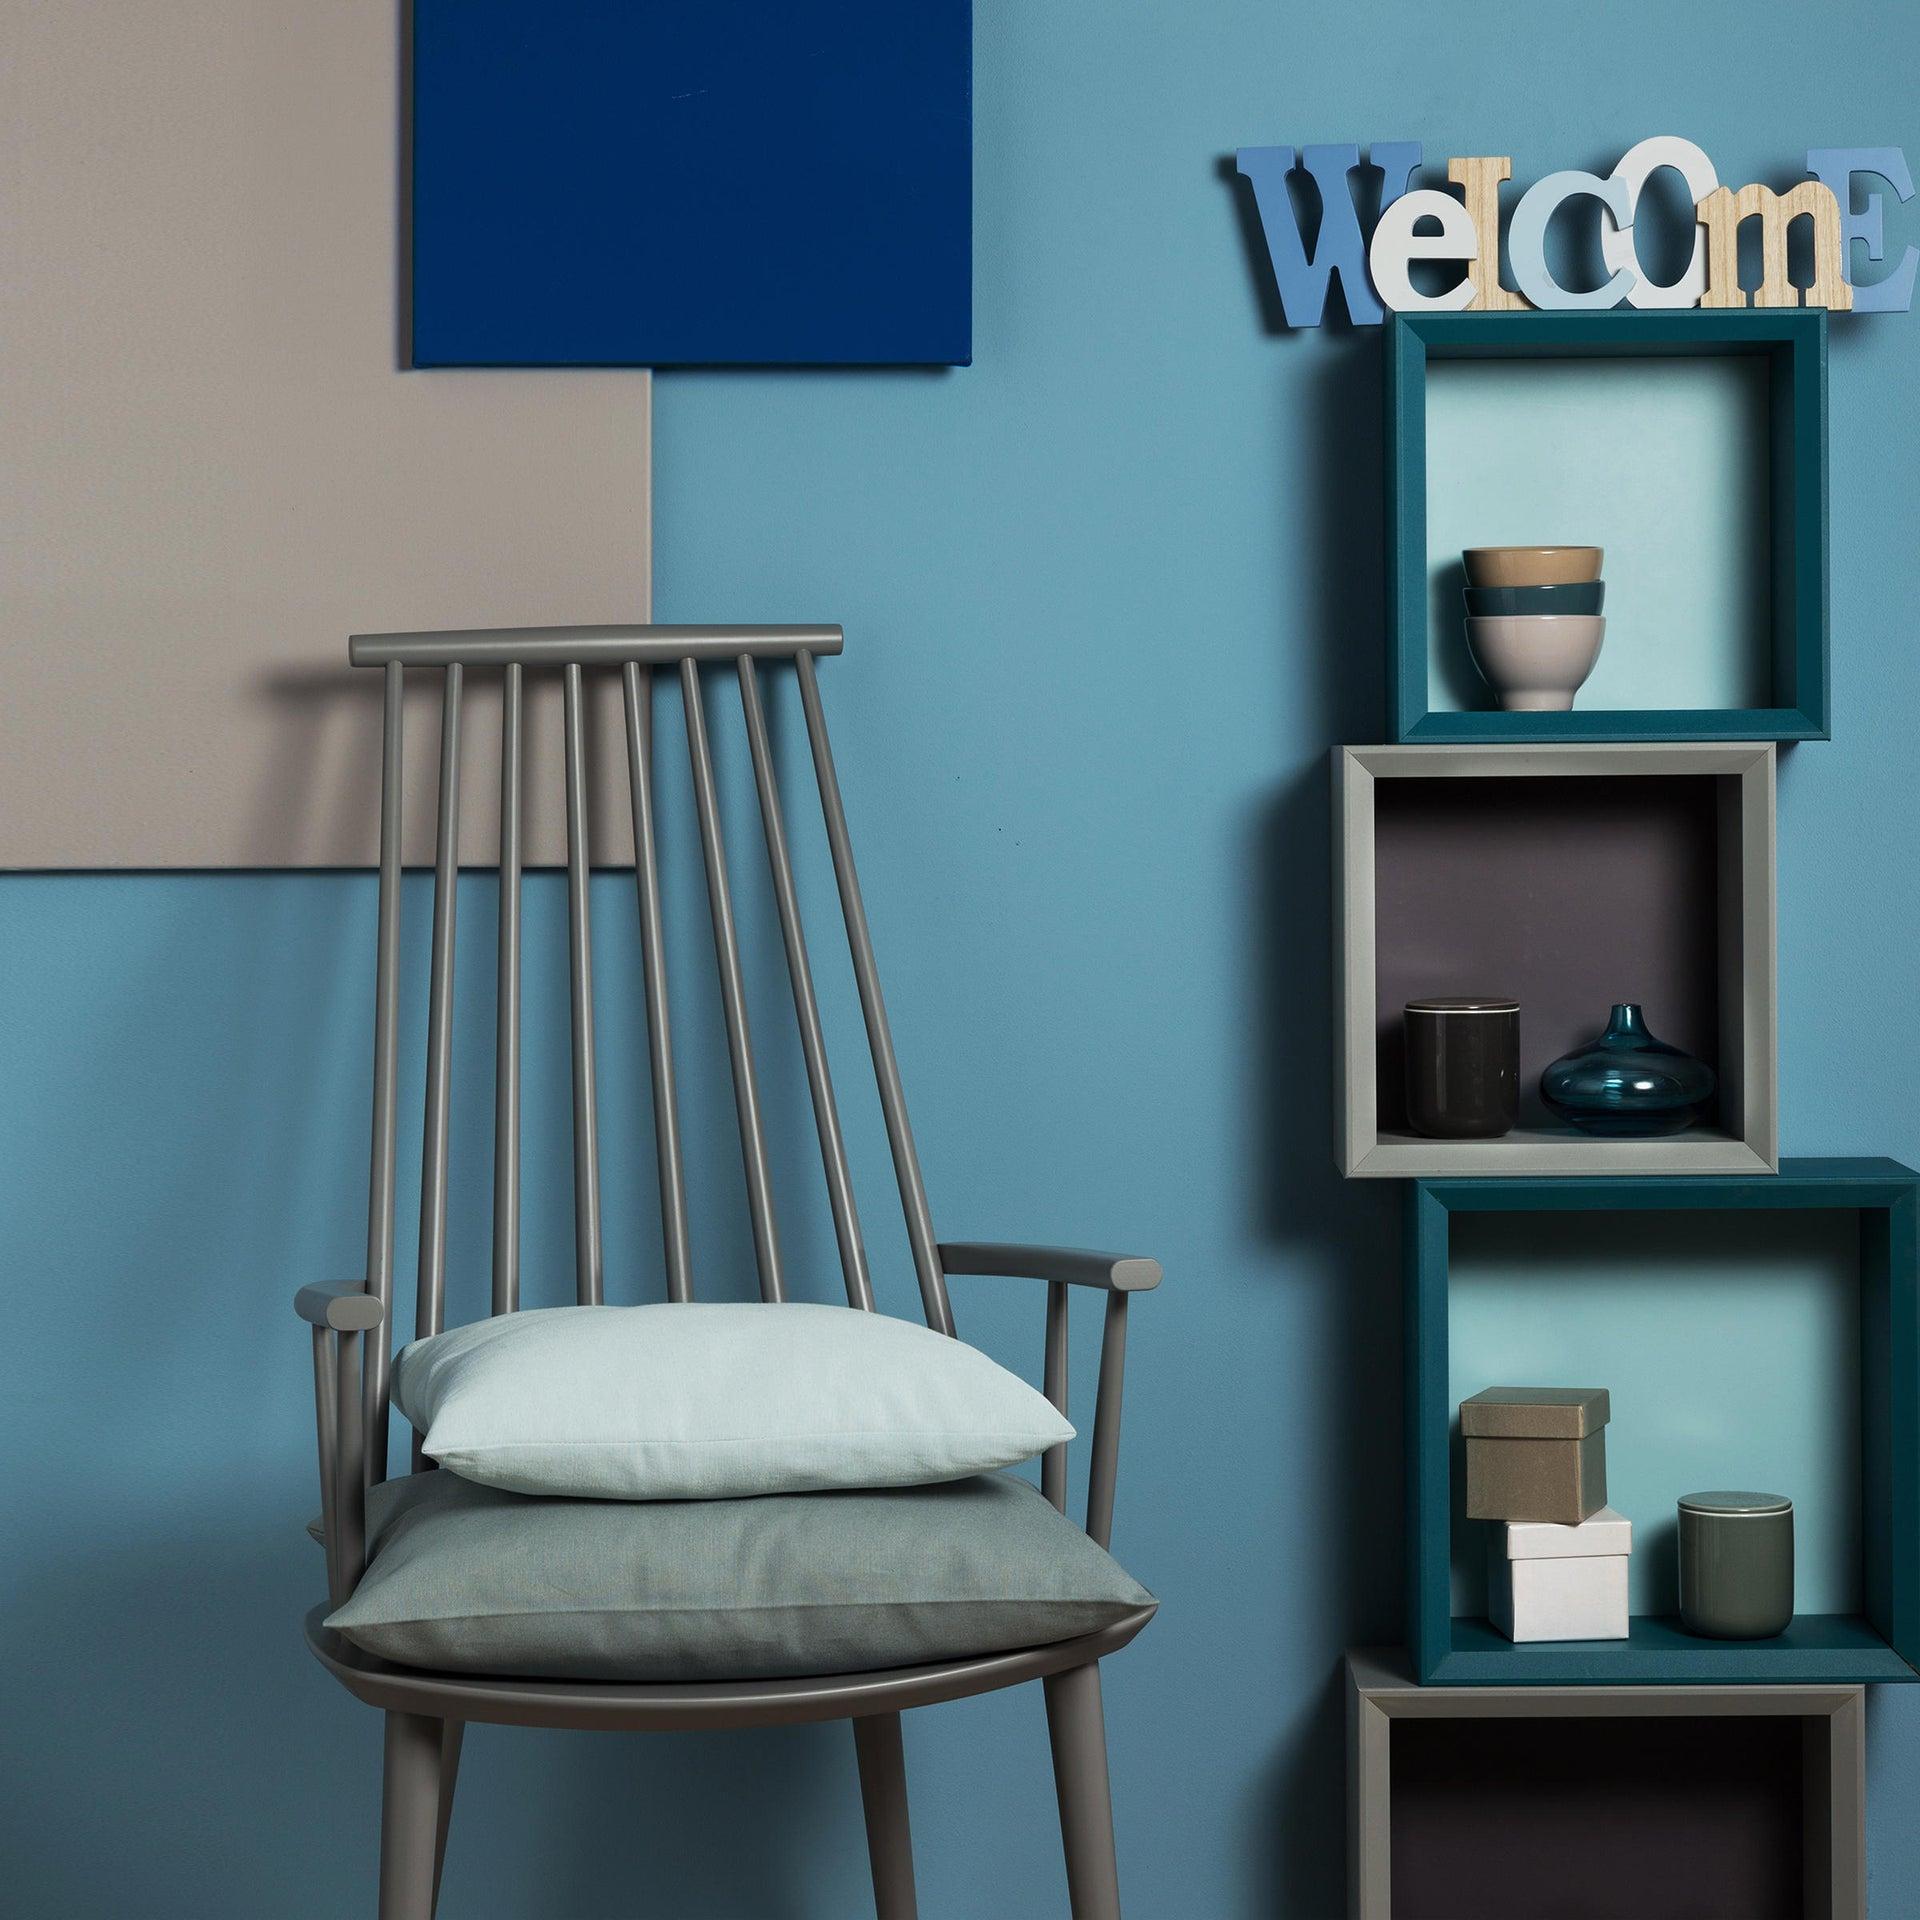 Cuscino INSPIRE Lea azzurro 40x40 cm - 3